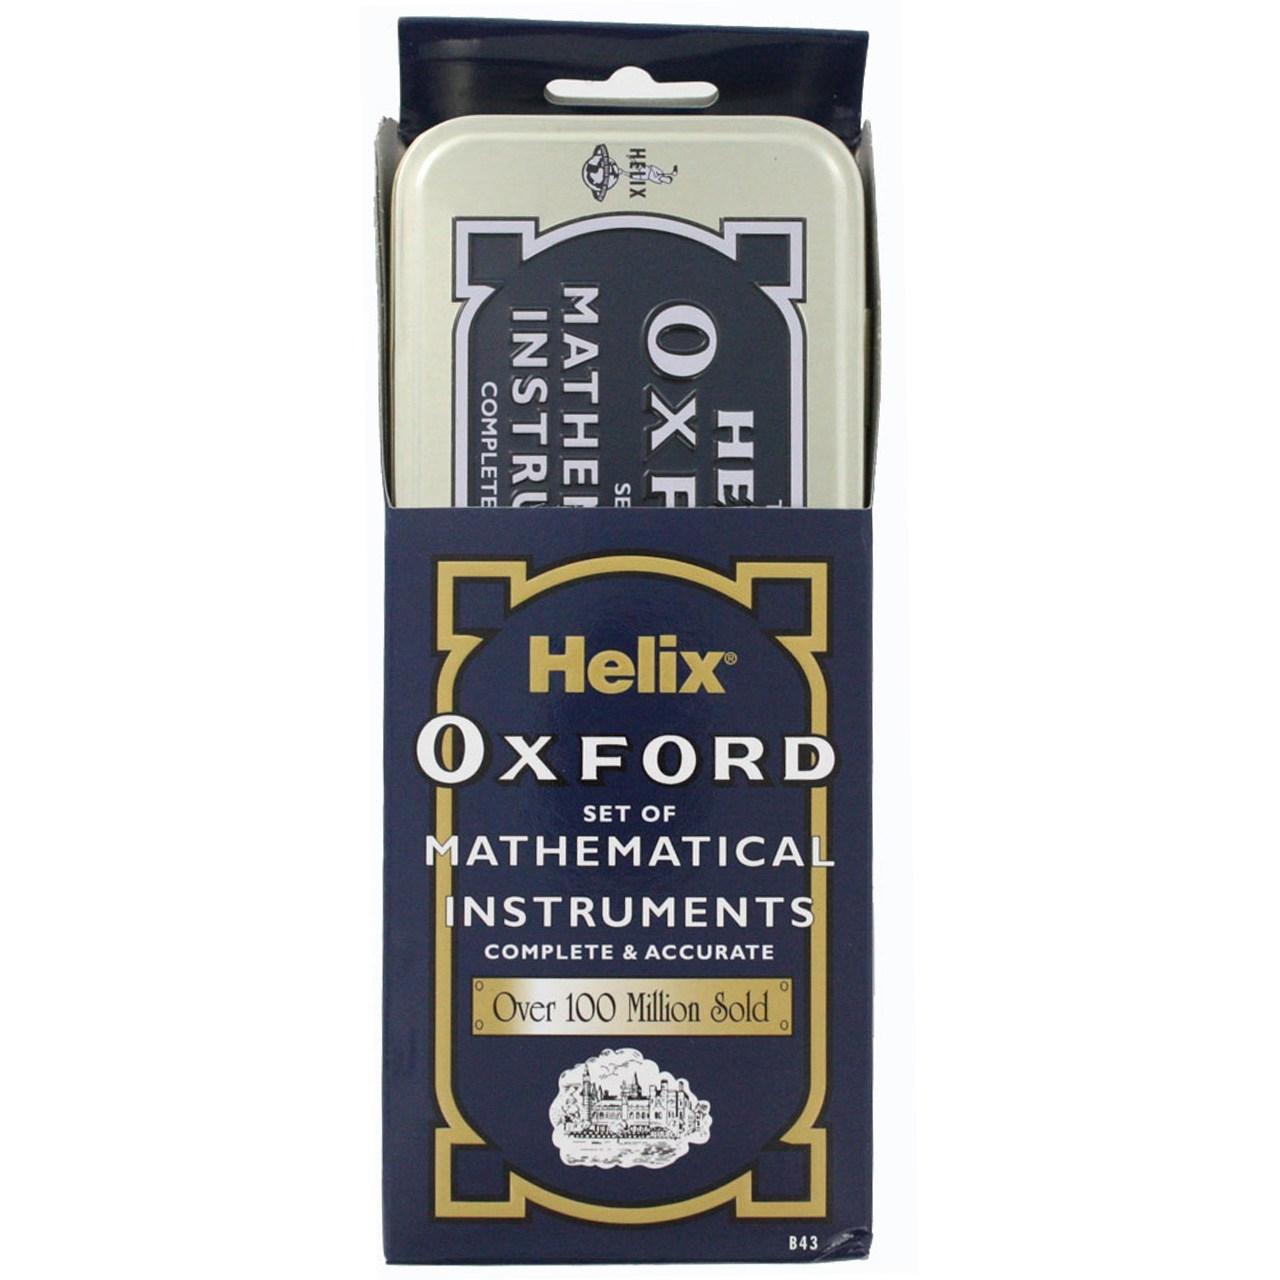 ست 8 تكه رياضي Helix مدل Oxford كد B35